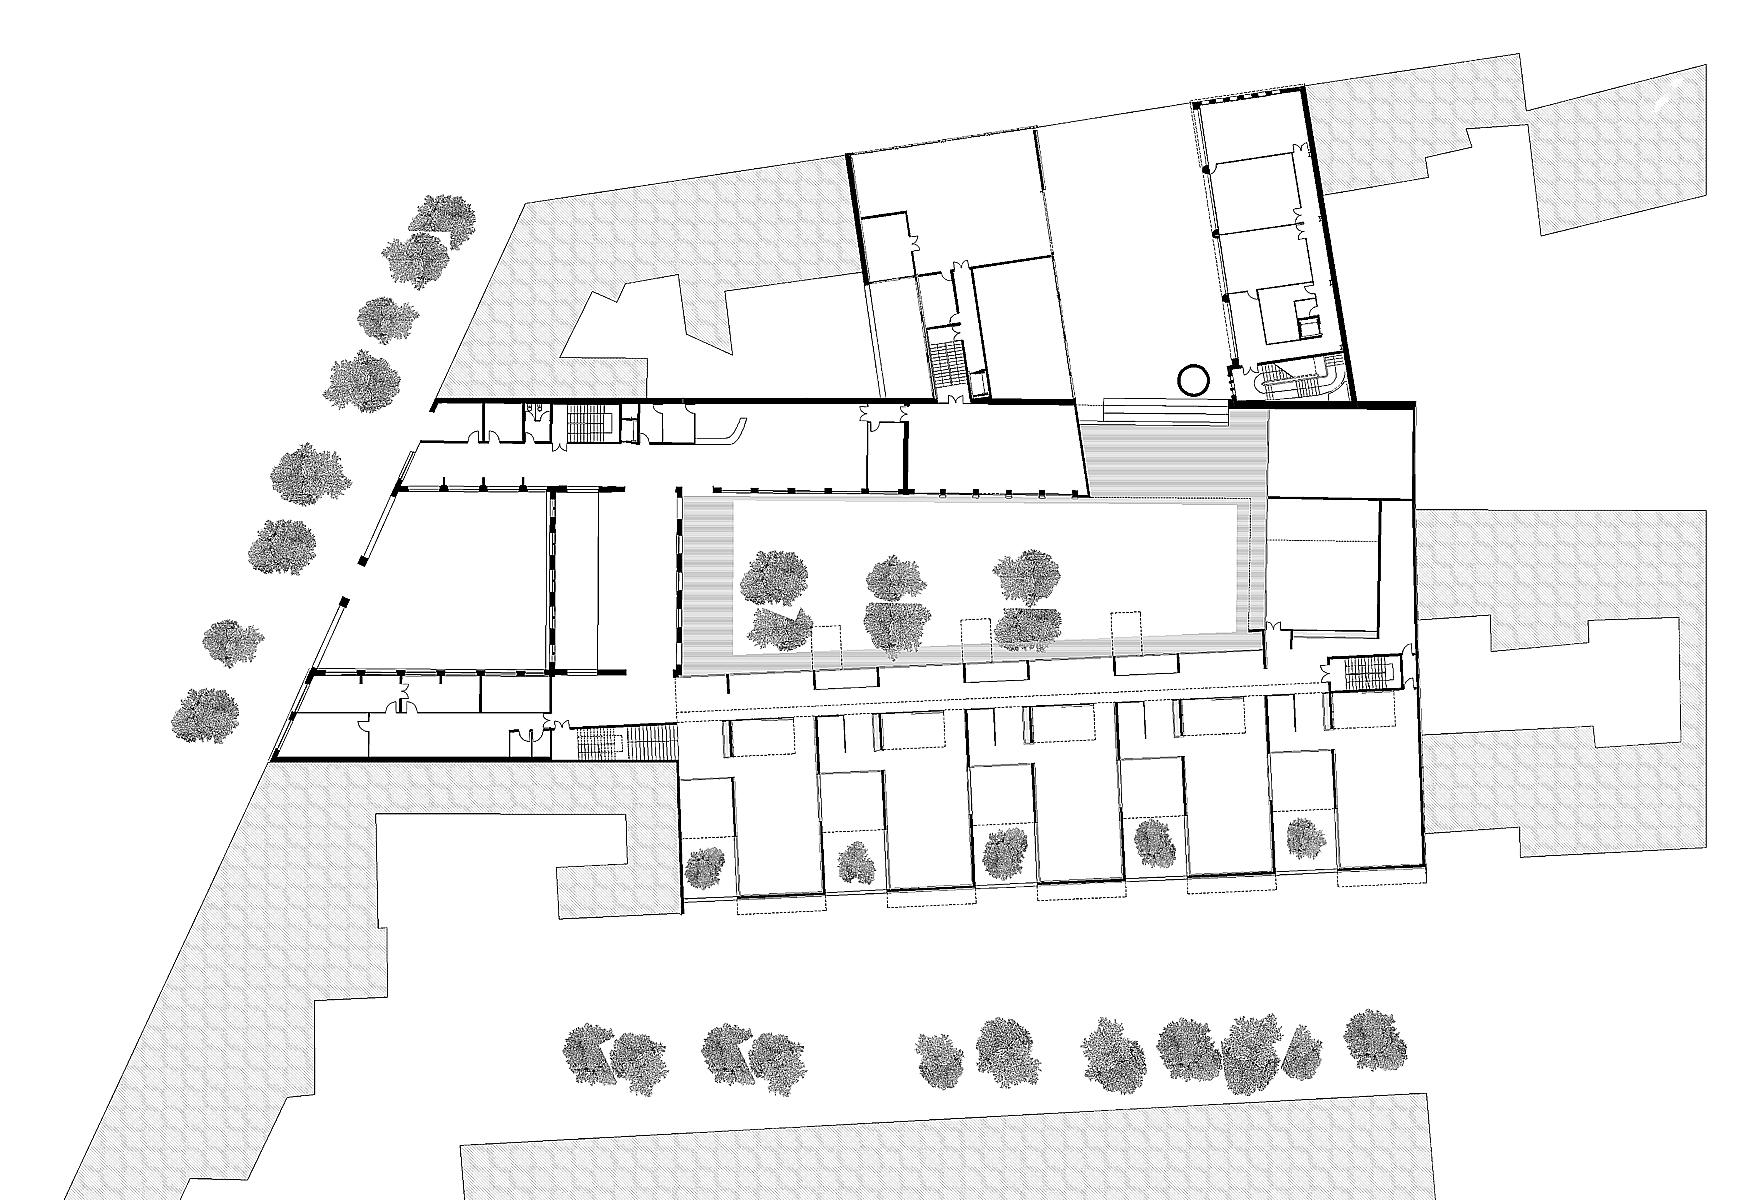 Ecole d architecture belleville emmanuelle et laurent Ecole architecture